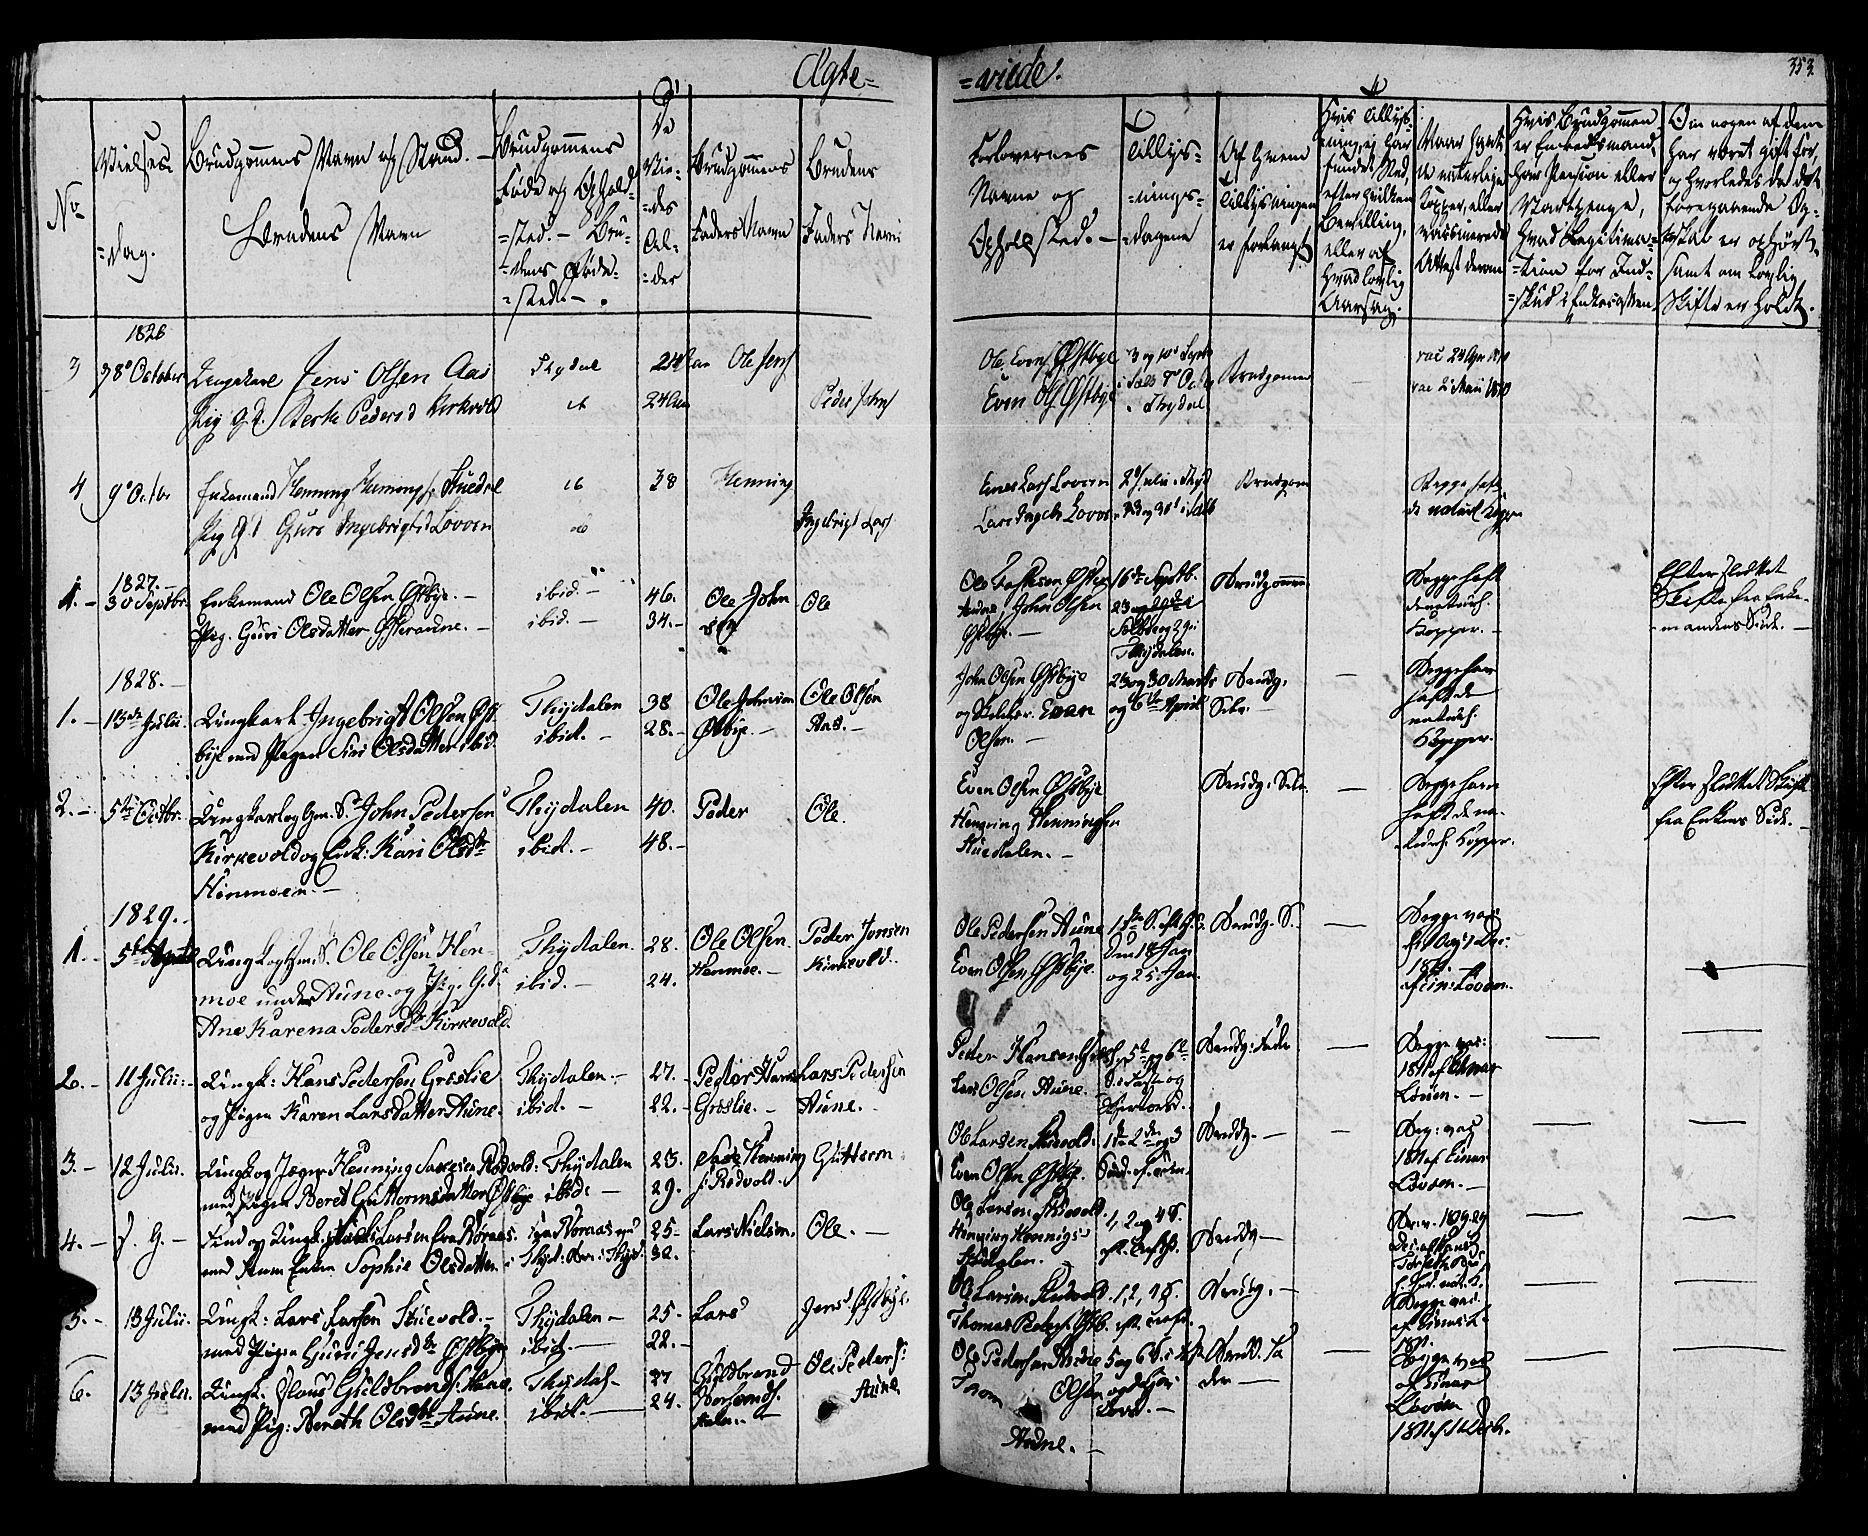 SAT, Ministerialprotokoller, klokkerbøker og fødselsregistre - Sør-Trøndelag, 695/L1144: Ministerialbok nr. 695A05 /2, 1824-1842, s. 353